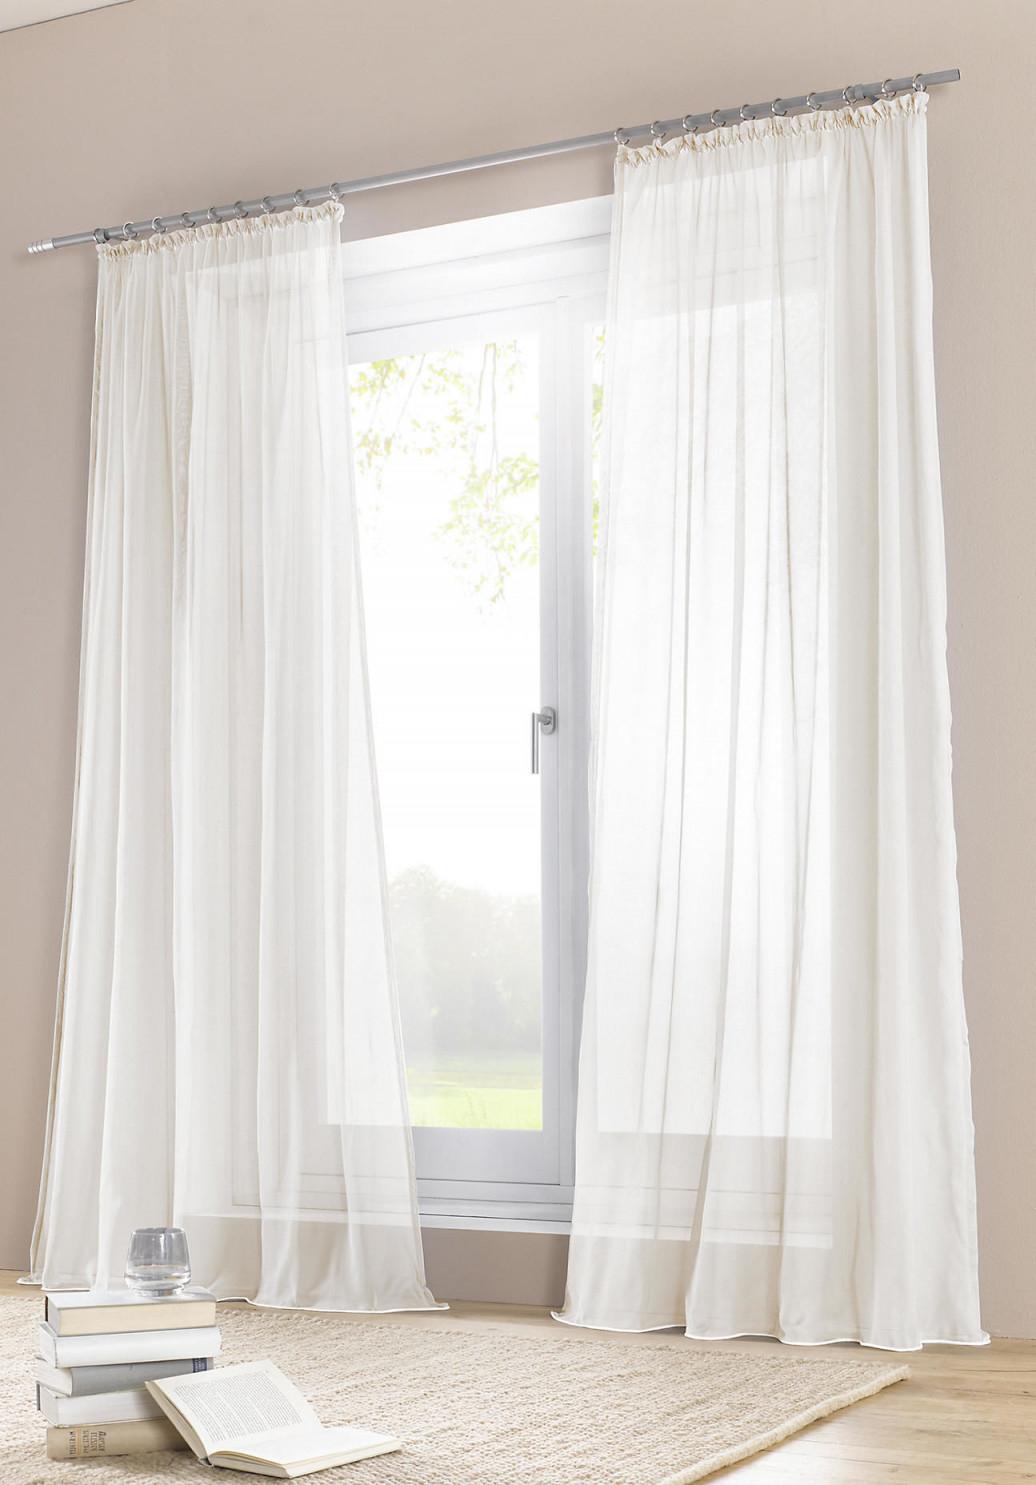 Die Schönsten Ideen Für Vorhänge  Gardinen von Gardinen Wohnzimmer Kurz Und Lang Bild